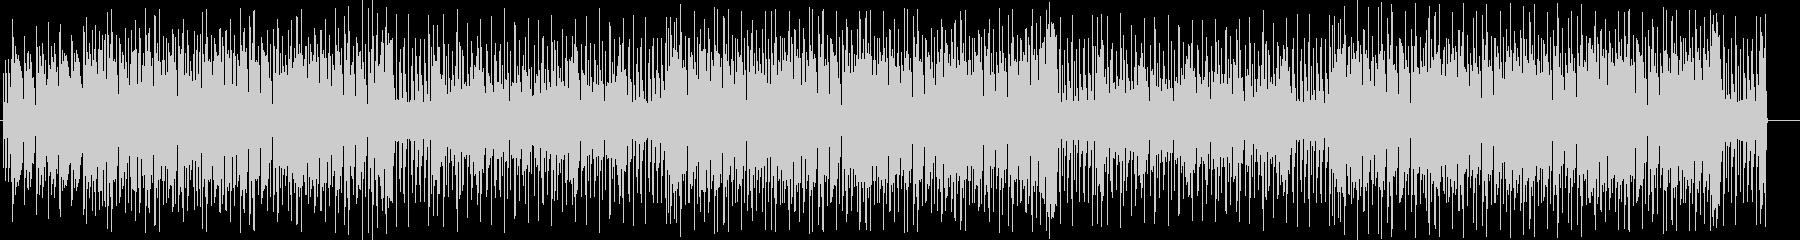 レトロな音色で今風の曲調のBGMの未再生の波形